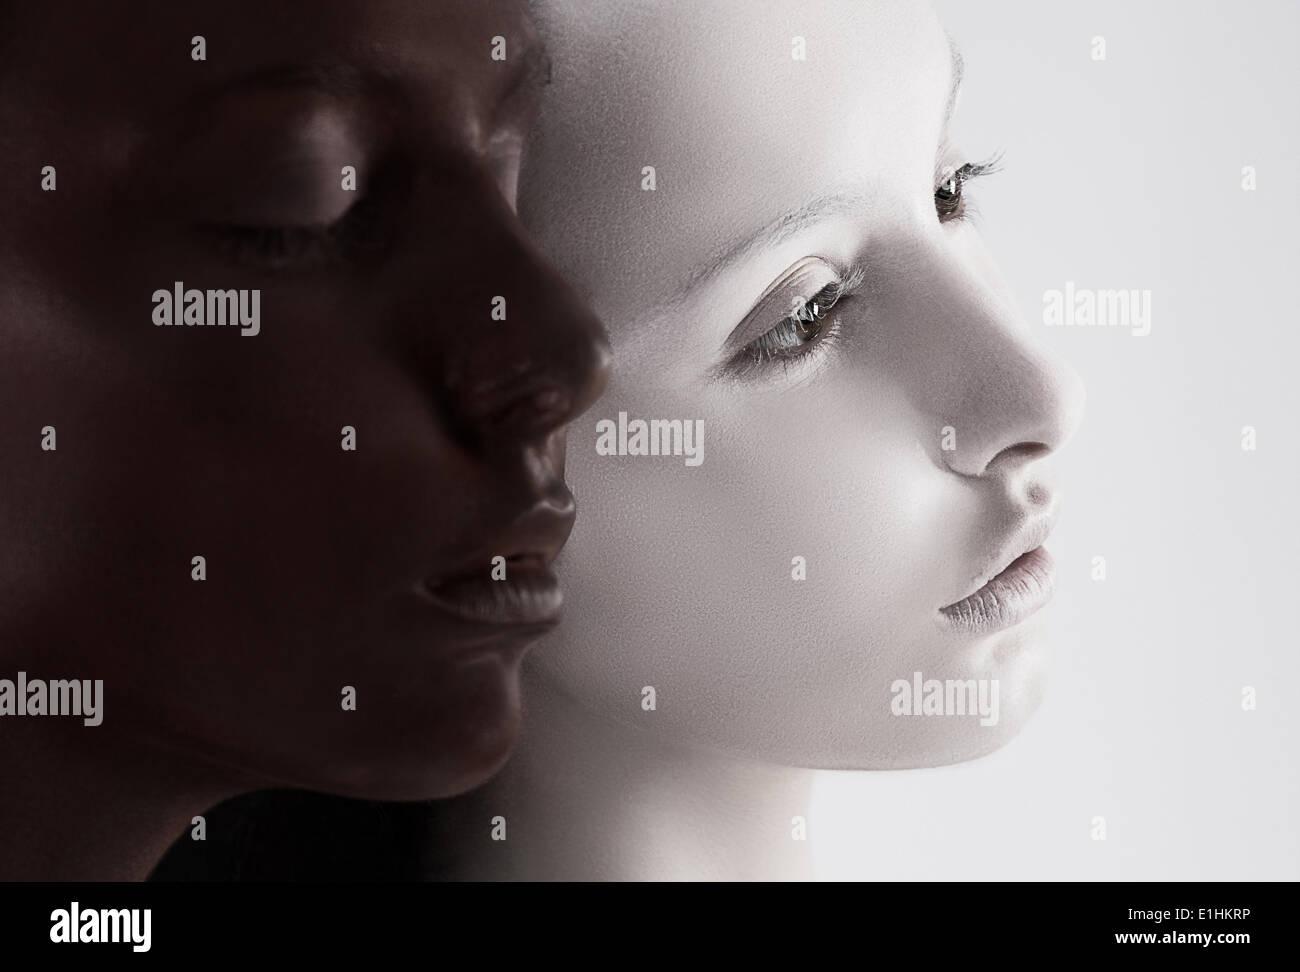 La diversidad cultural. Las dos caras de color blanco y negro. Estilo Yin Yang Imagen De Stock